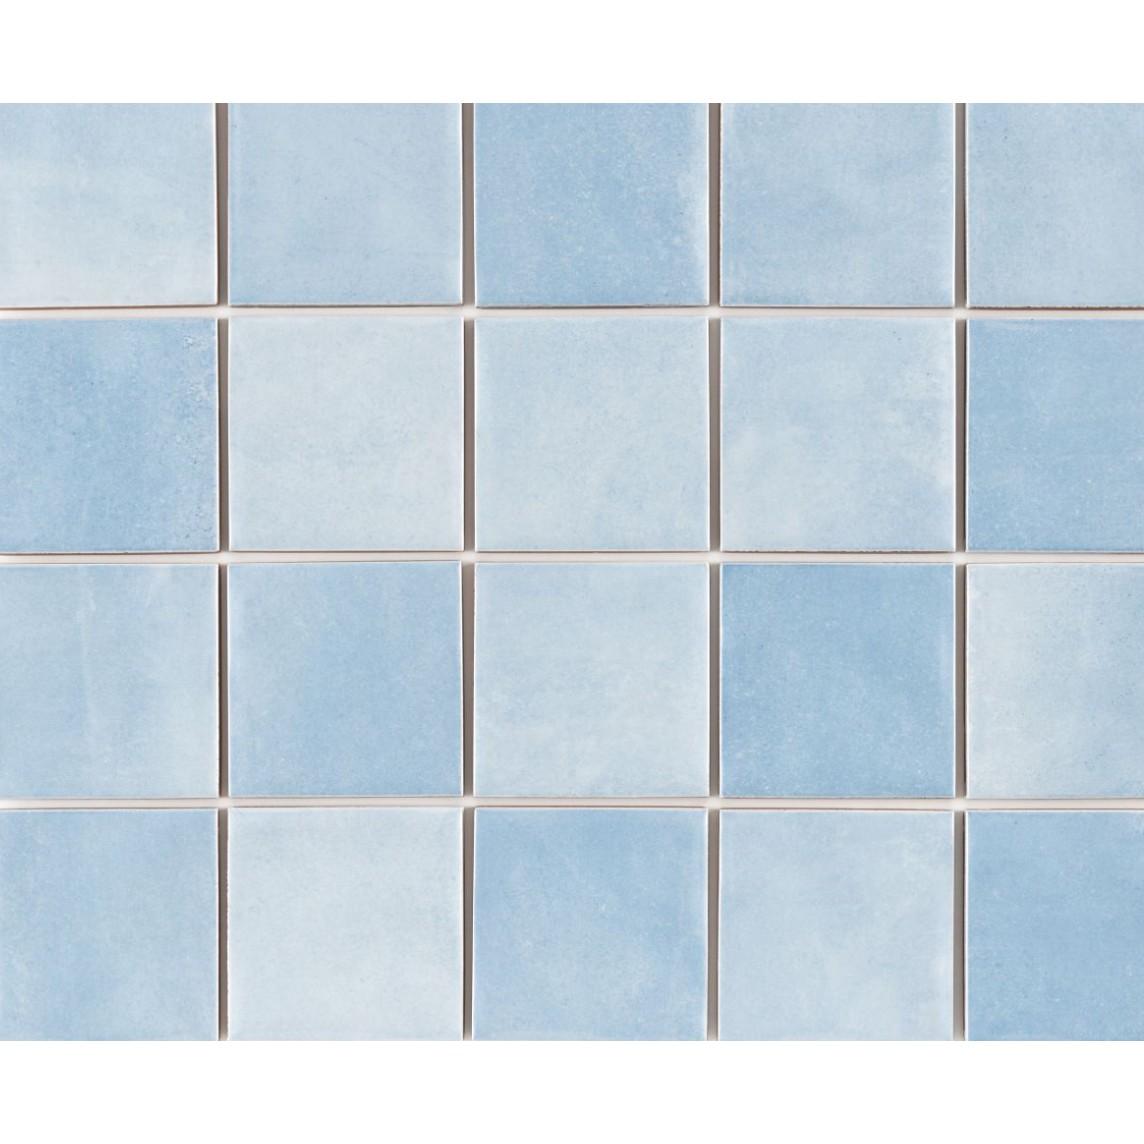 Revestimento Noronha Agua Mesh Brilhante Craquelada 75x75cm 159 m Azul claro - Eliane